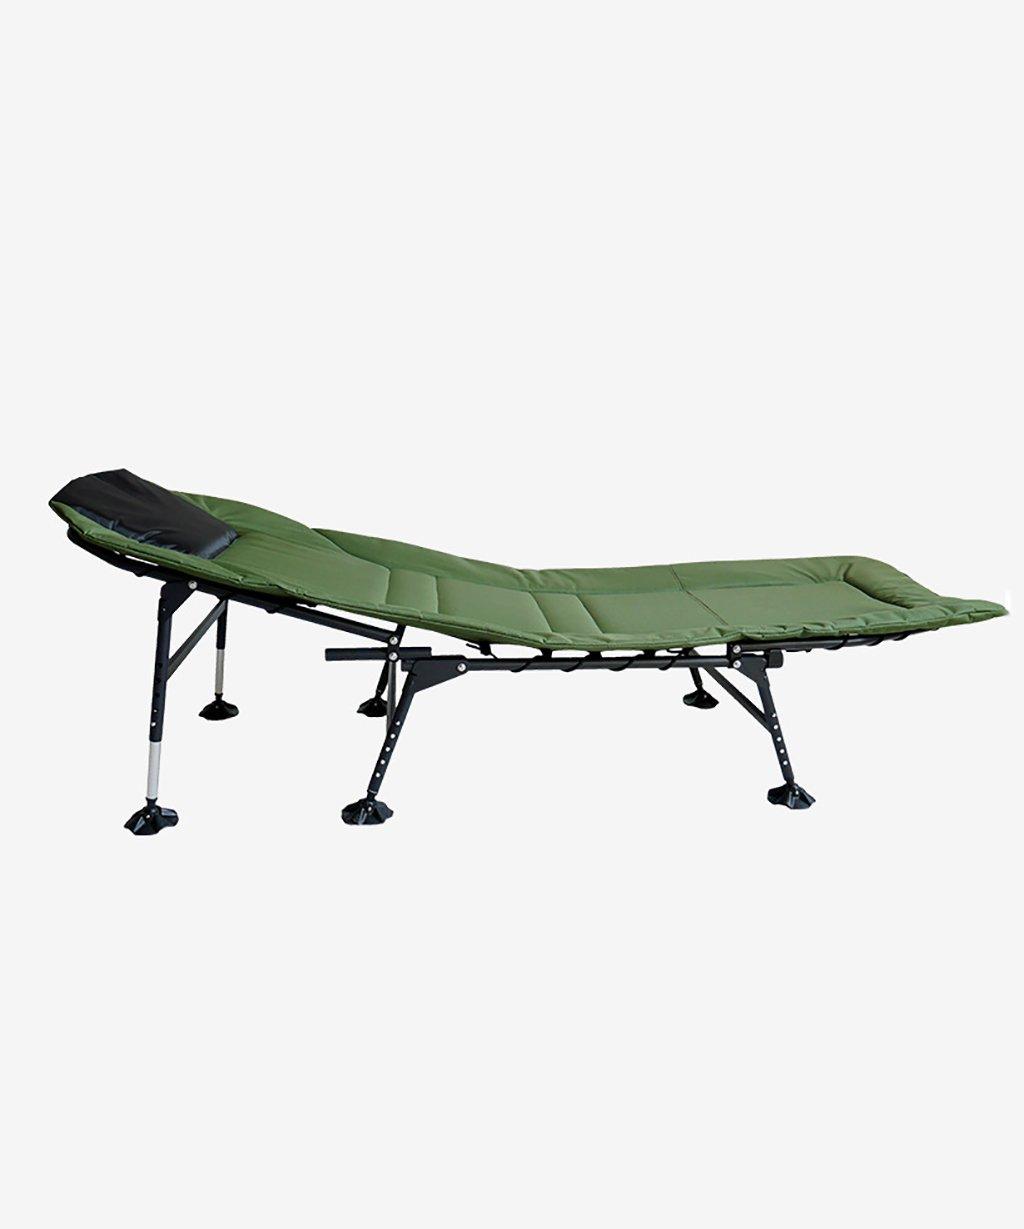 LIANJUN Camping Wide Bed Stuhl Wasserdicht und Fischen Zubehör Beach Chair Army Grün-L  W  H170  60  32-42cm (einstellbar)